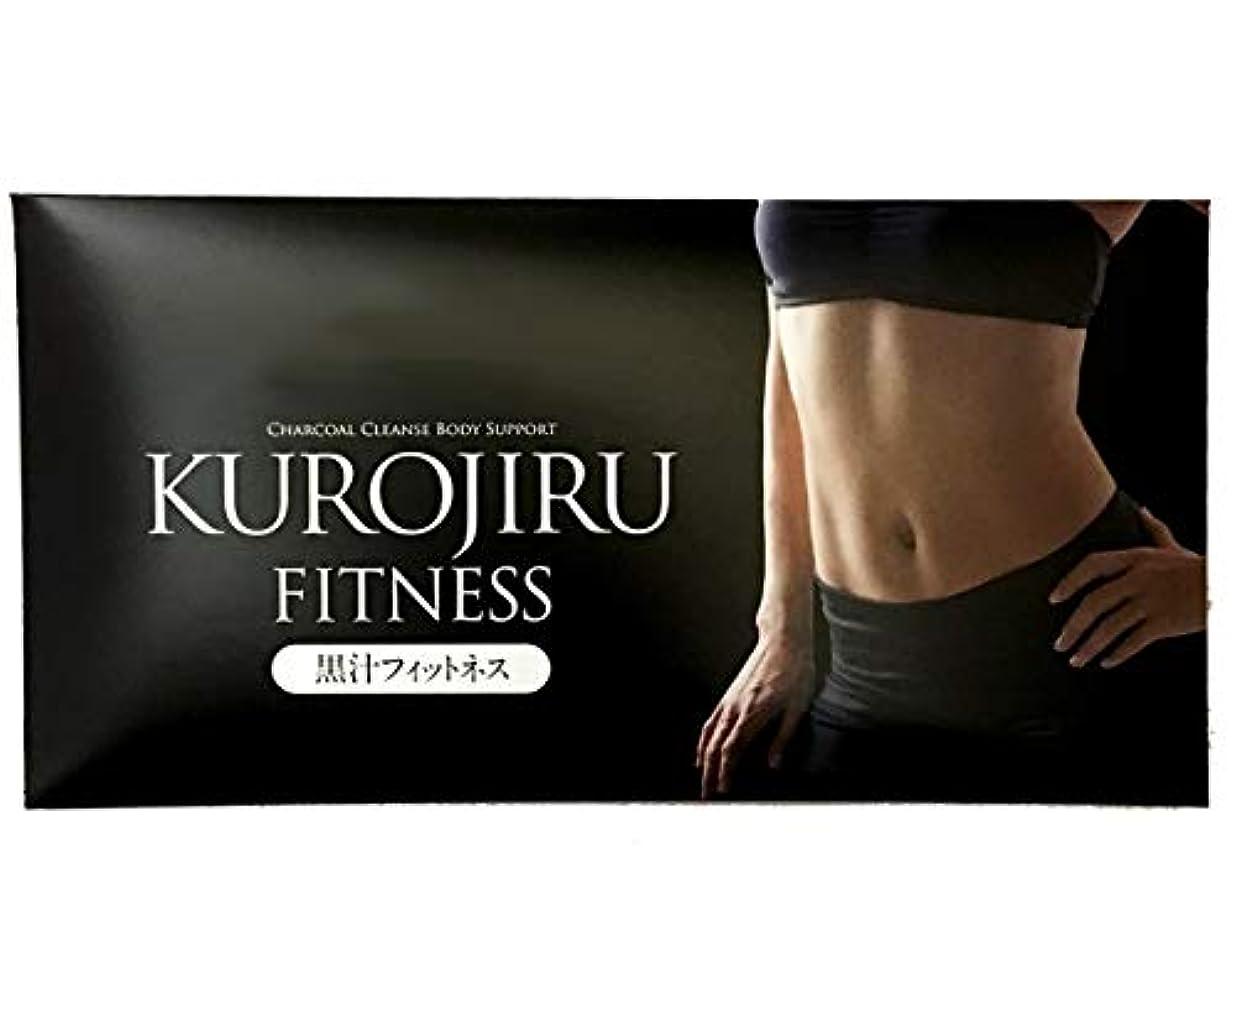 アグネスグレイ会員リーク黒汁フィットネス(KUROJIRU FITNESS) 30包 チャコールクレンズ 赤松活性炭 オリゴ糖 サラシアエキス 酵素